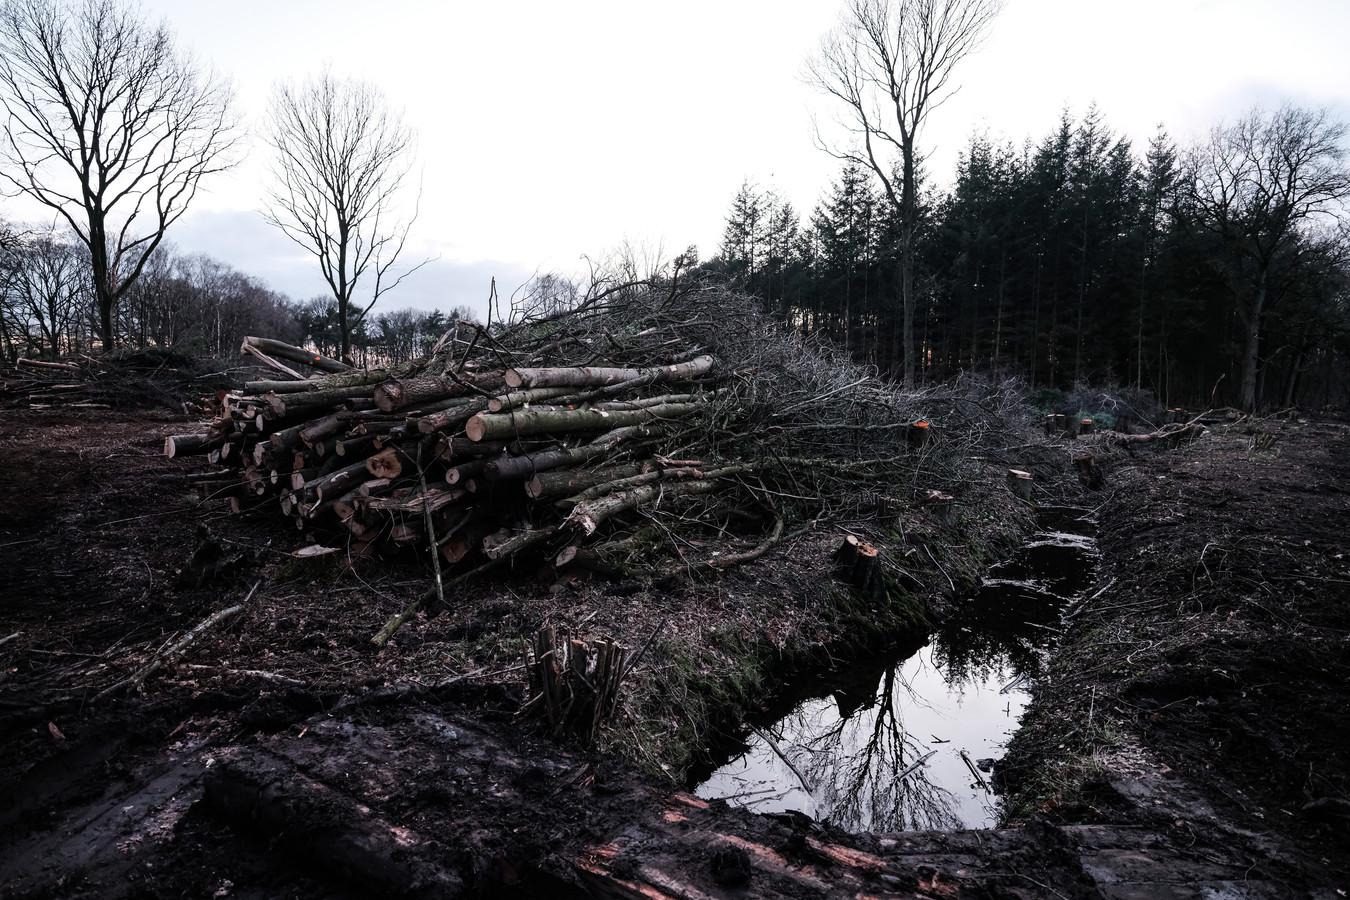 In het Natura 2000 gebied Willinks Weust worden momenteel duizenden bomen gekapt voor het herstel van natuurwaarden.